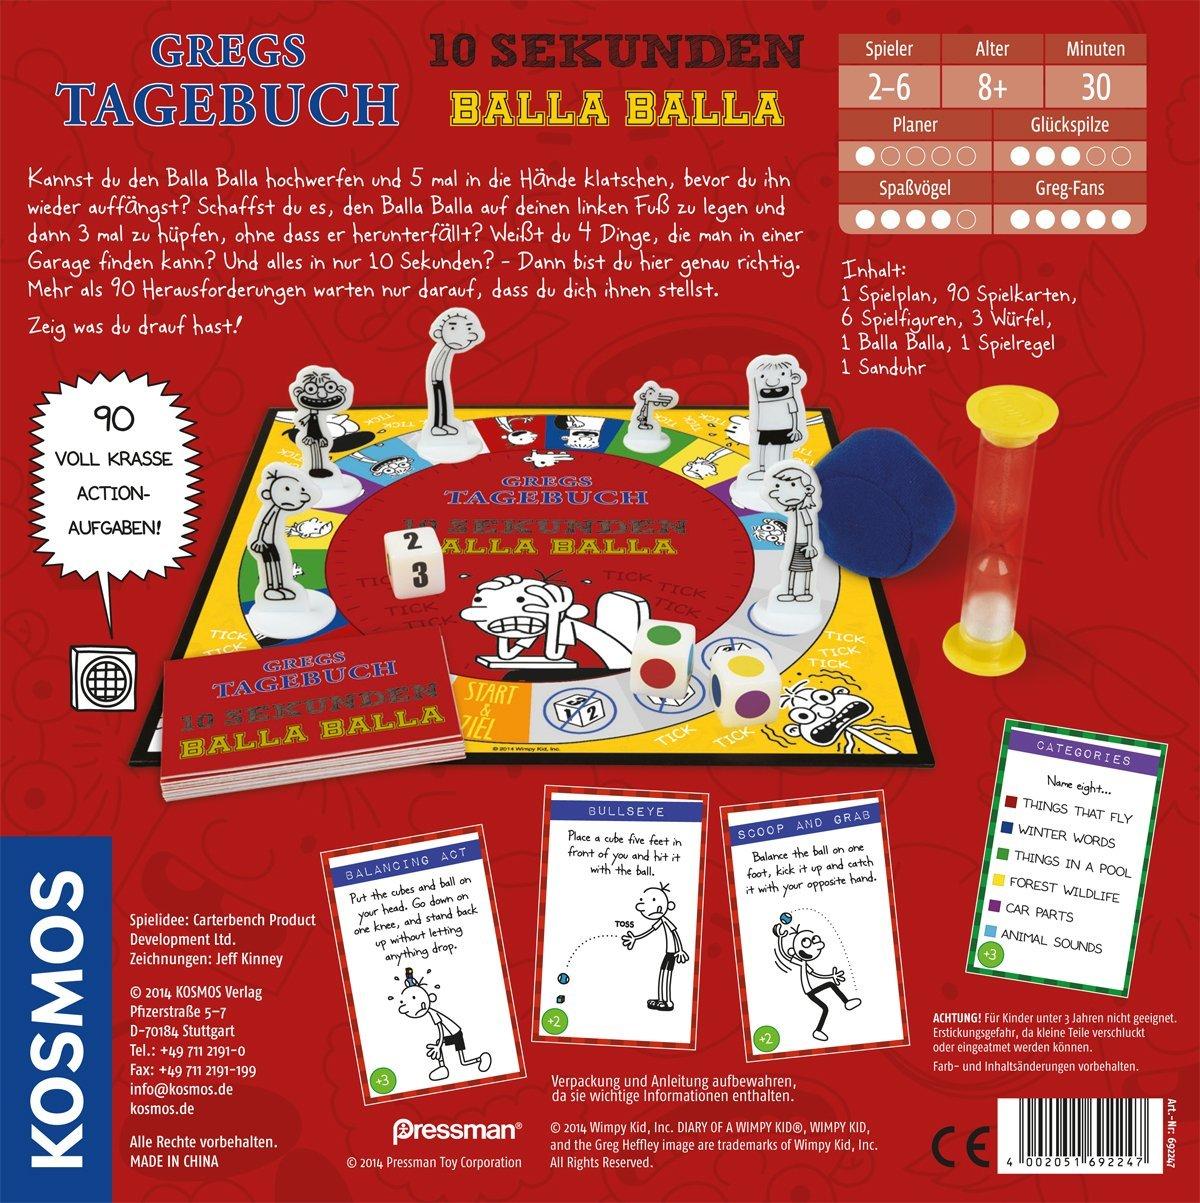 KOSMOS 692247 - Gregs Tagebuch - 10 Seconds Balla Balla Game of ...